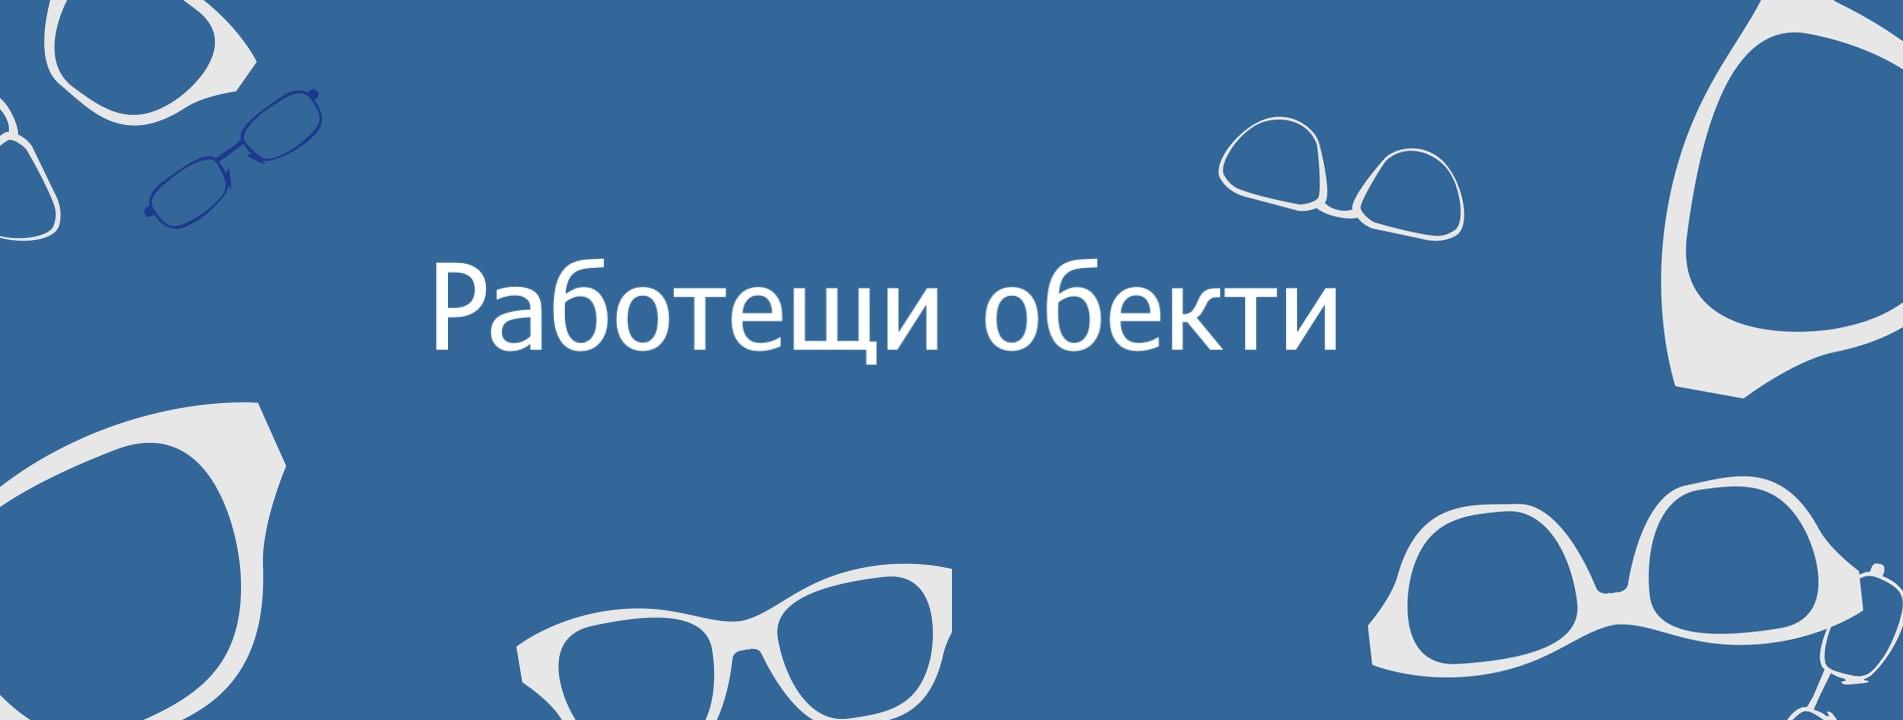 Информация за работещи оптики